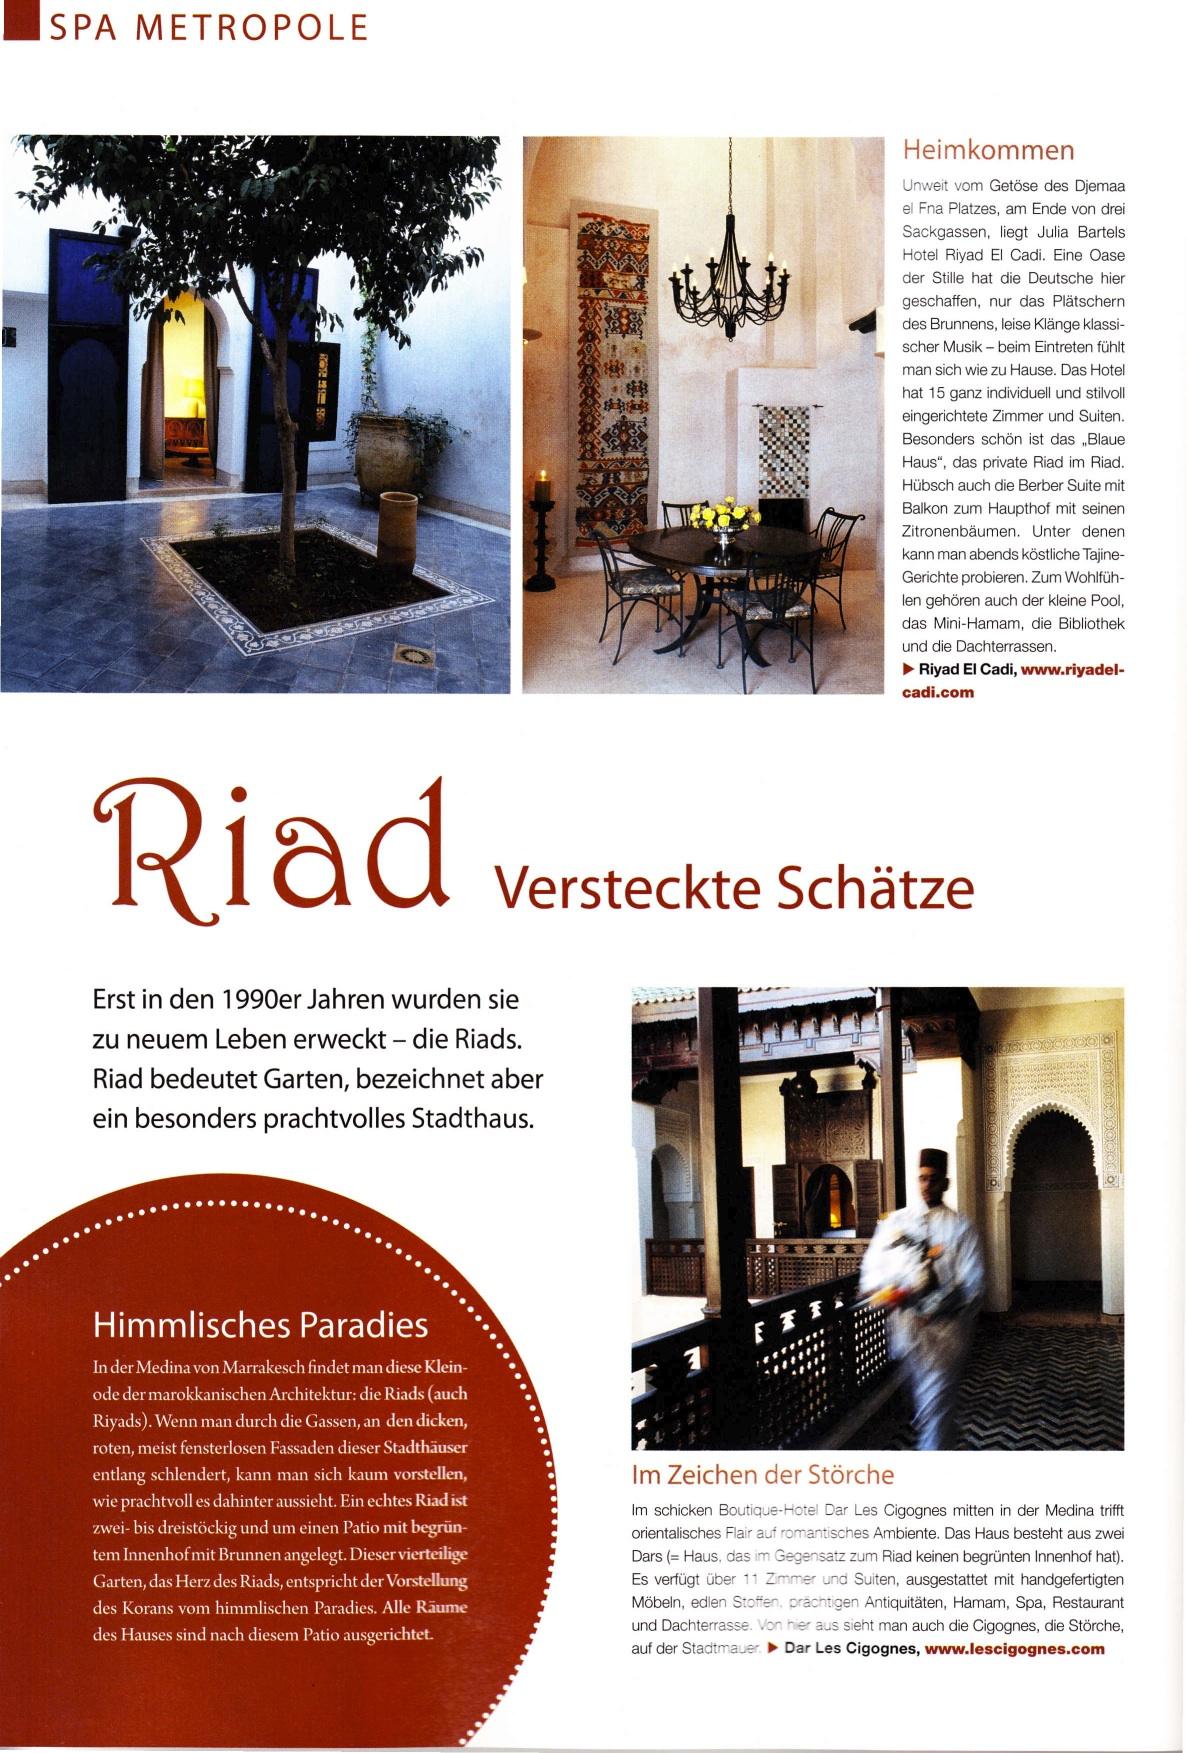 Riyad el cadi in der presse spainside und wohn design for Wohn design